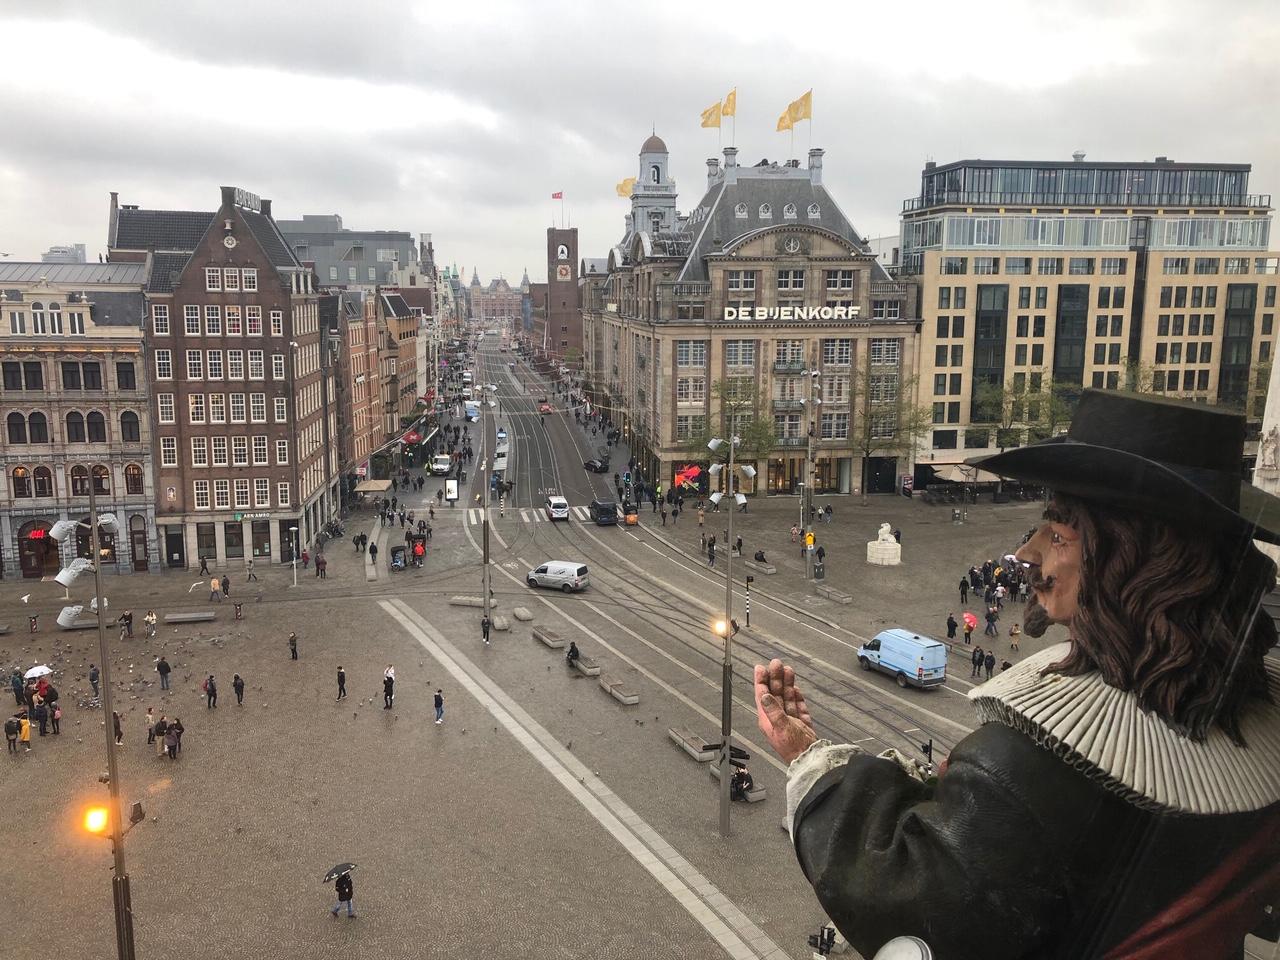 Madame Tussauda museum Amsterdam, panoramice view over the Dam square